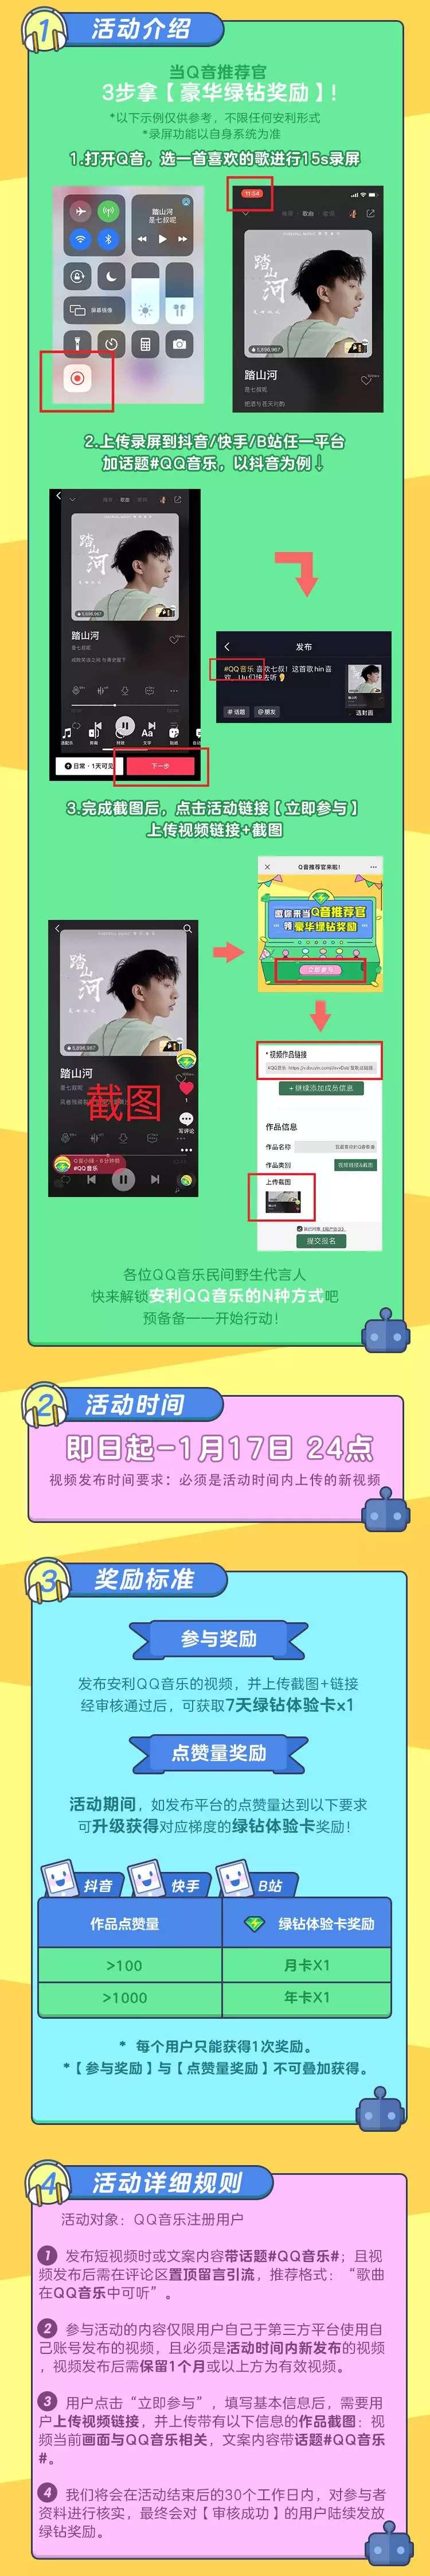 图片[1]-20元薅QQ音乐年费豪华绿钻!!-老友薅羊毛活动线报网